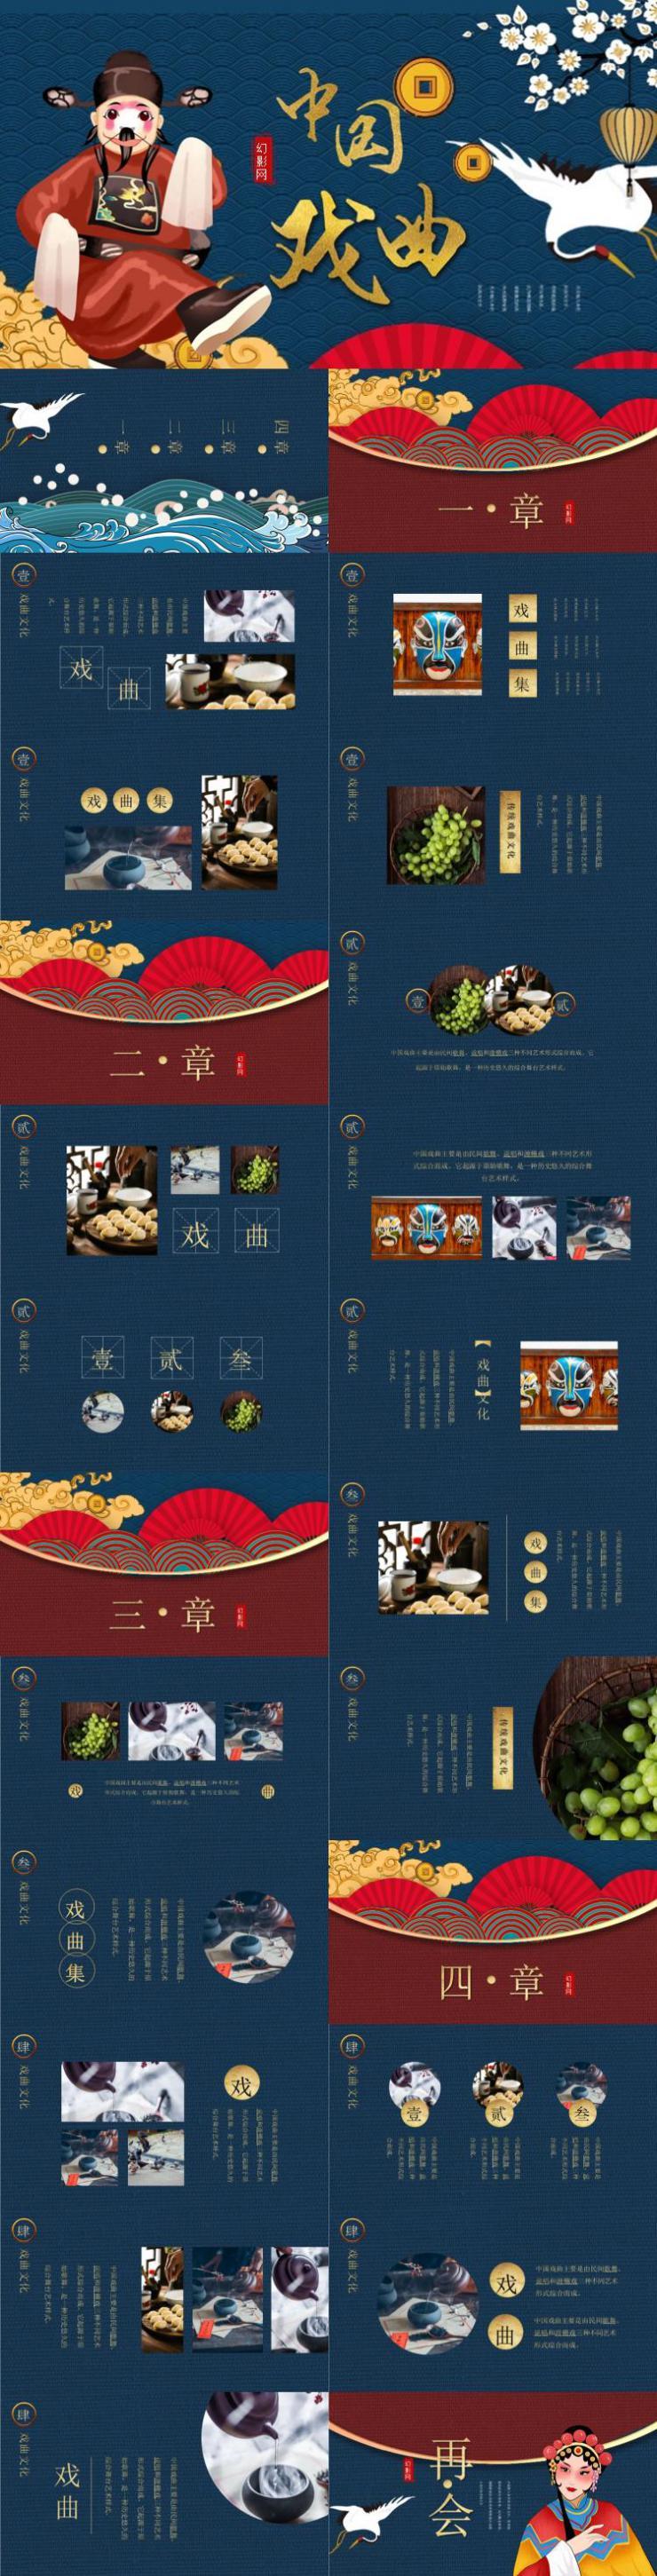 中国戏剧PPT模板下载